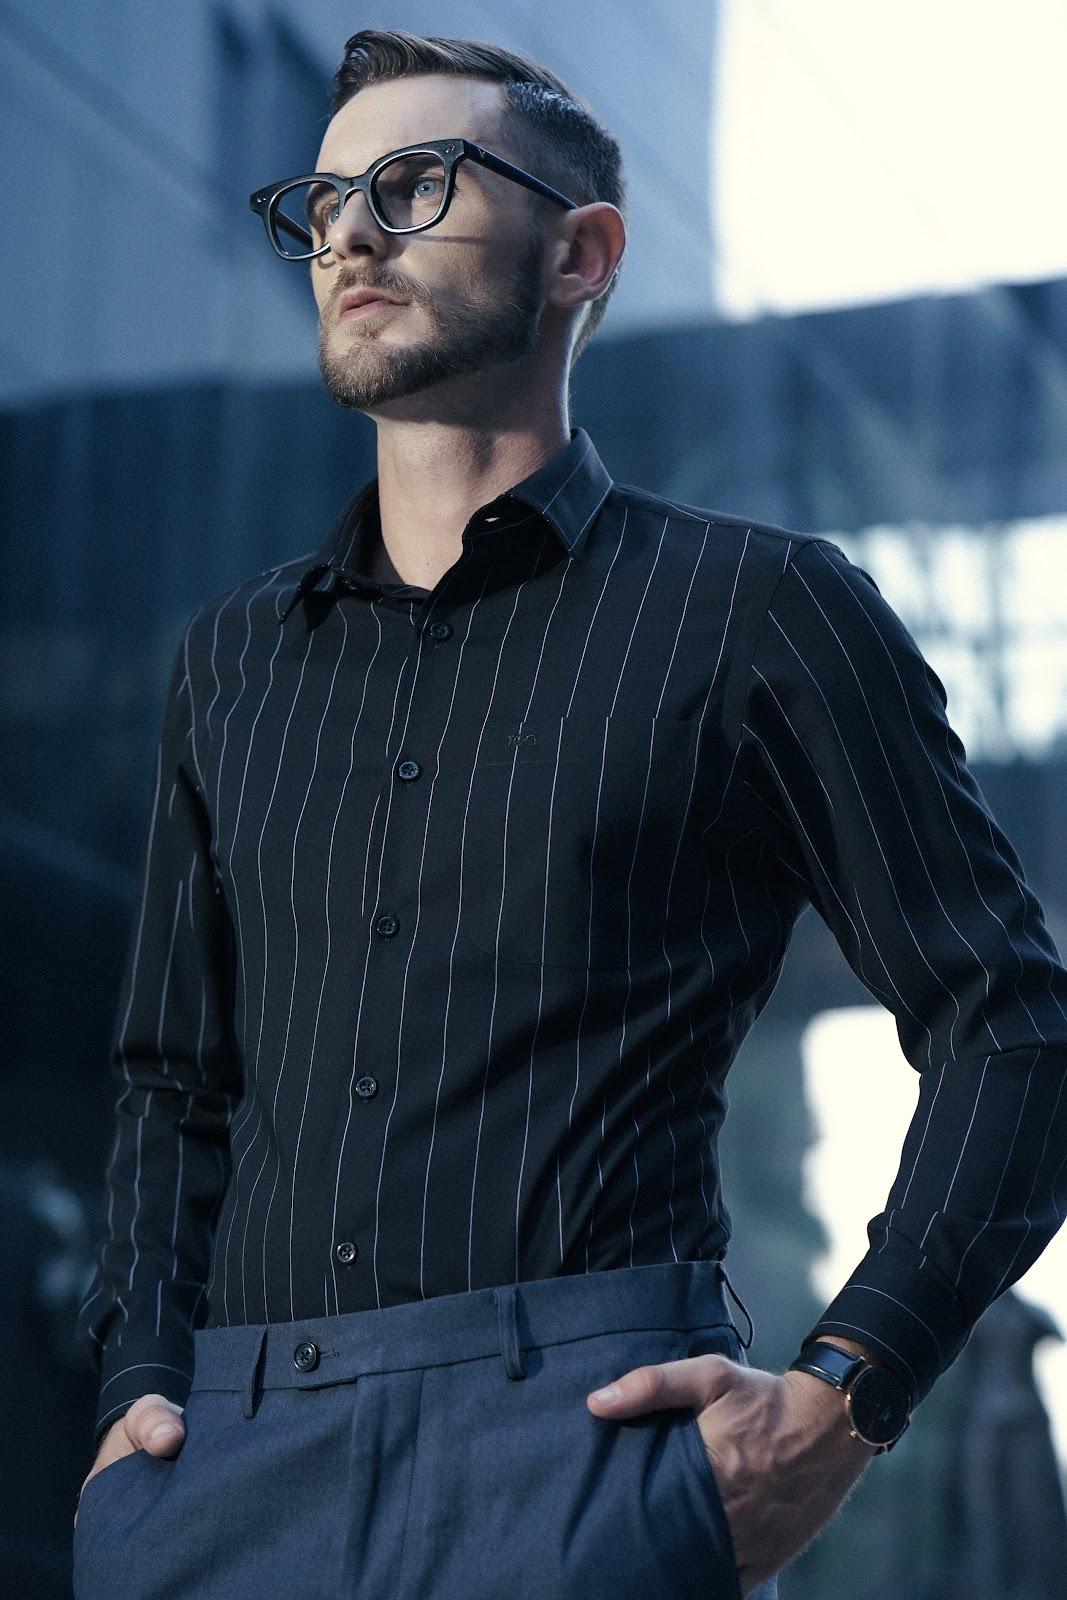 Thiết kế sọc dọc nam tính, che khuyết điểm cơ thể tốt, tạo sự trẻ trung, thu hút cho phái mạnh